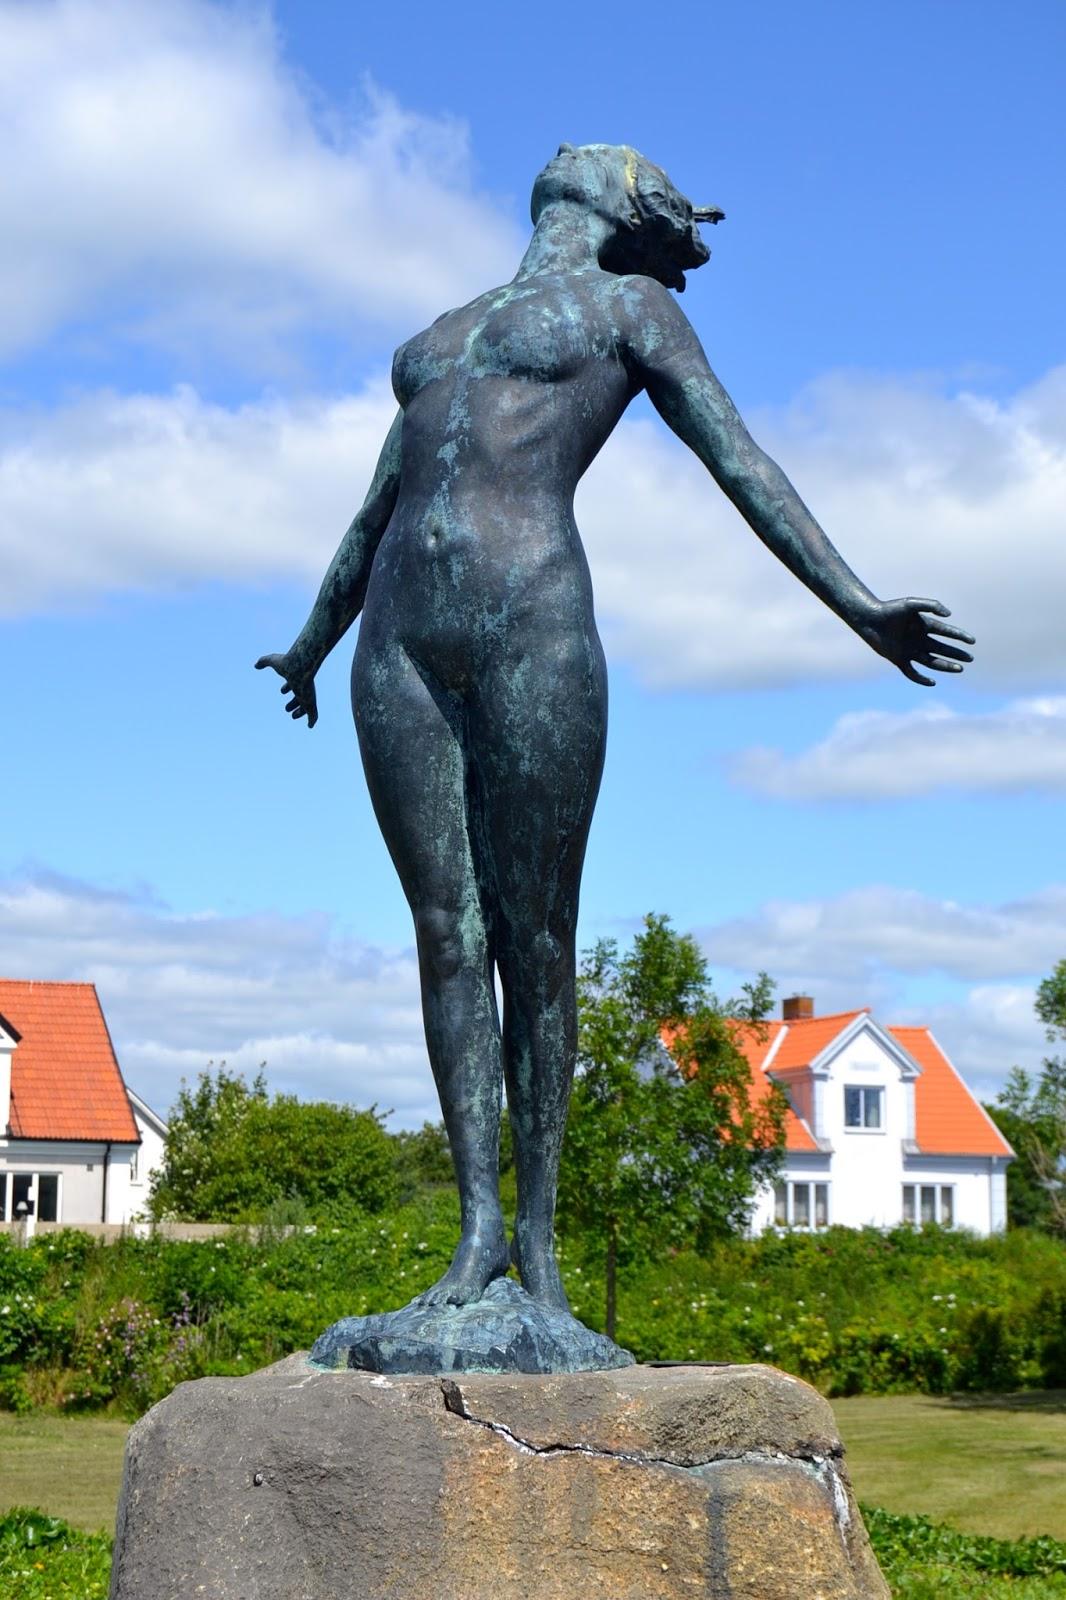 Мать Нены, Биргит Холмквист, в молодости позировала в стиле ню именитому скульптору Акселю Эббе для